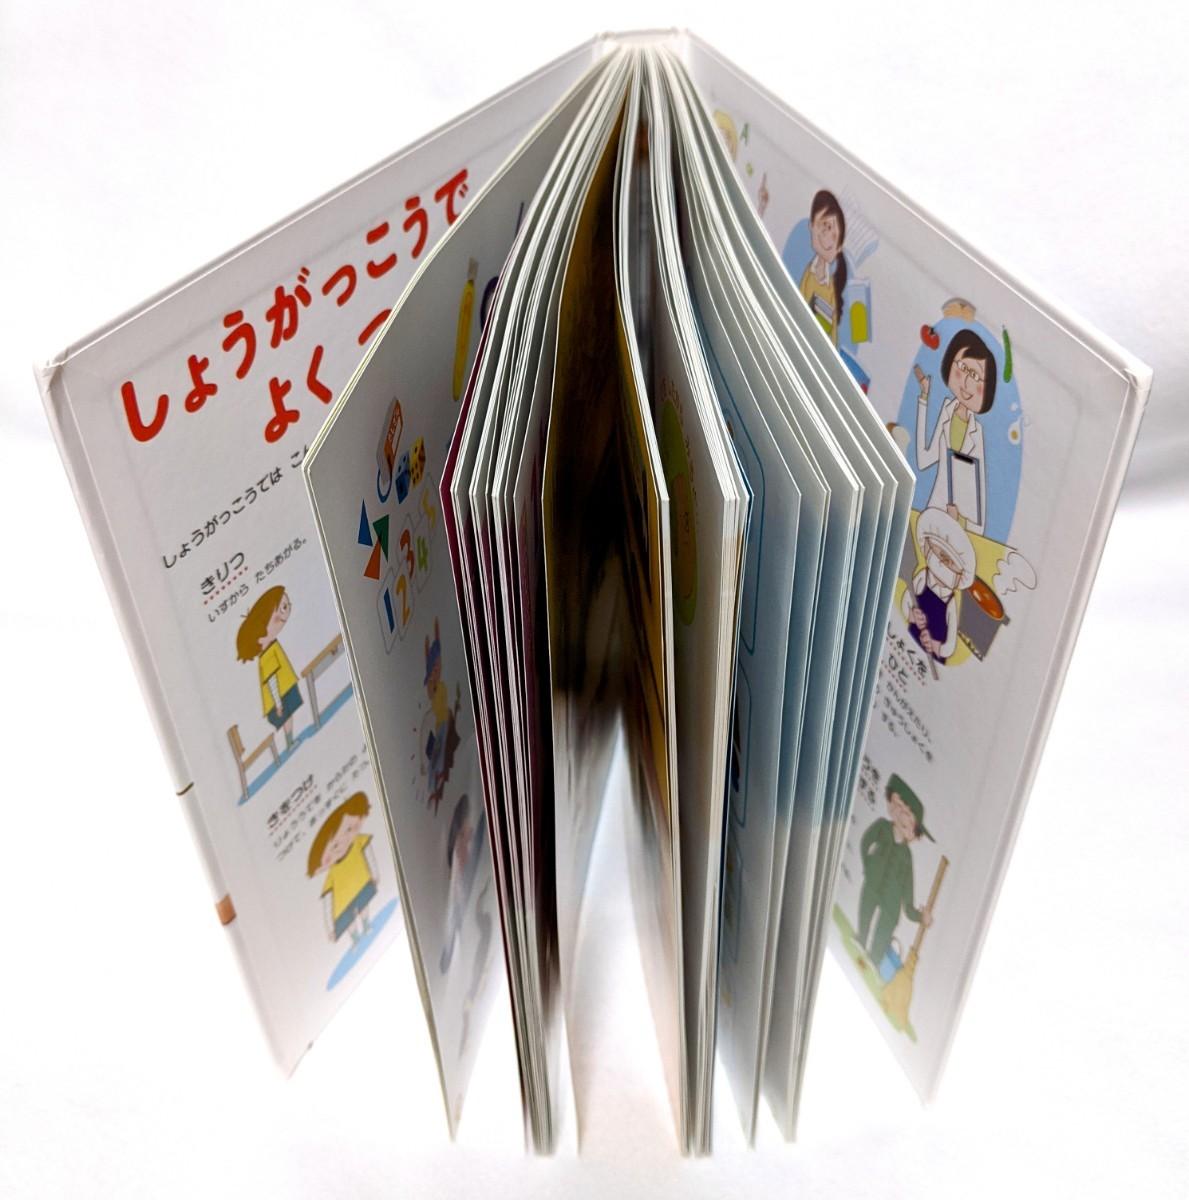 入学準備の図鑑 小学生 キッズ 学研 図鑑 小学館 本